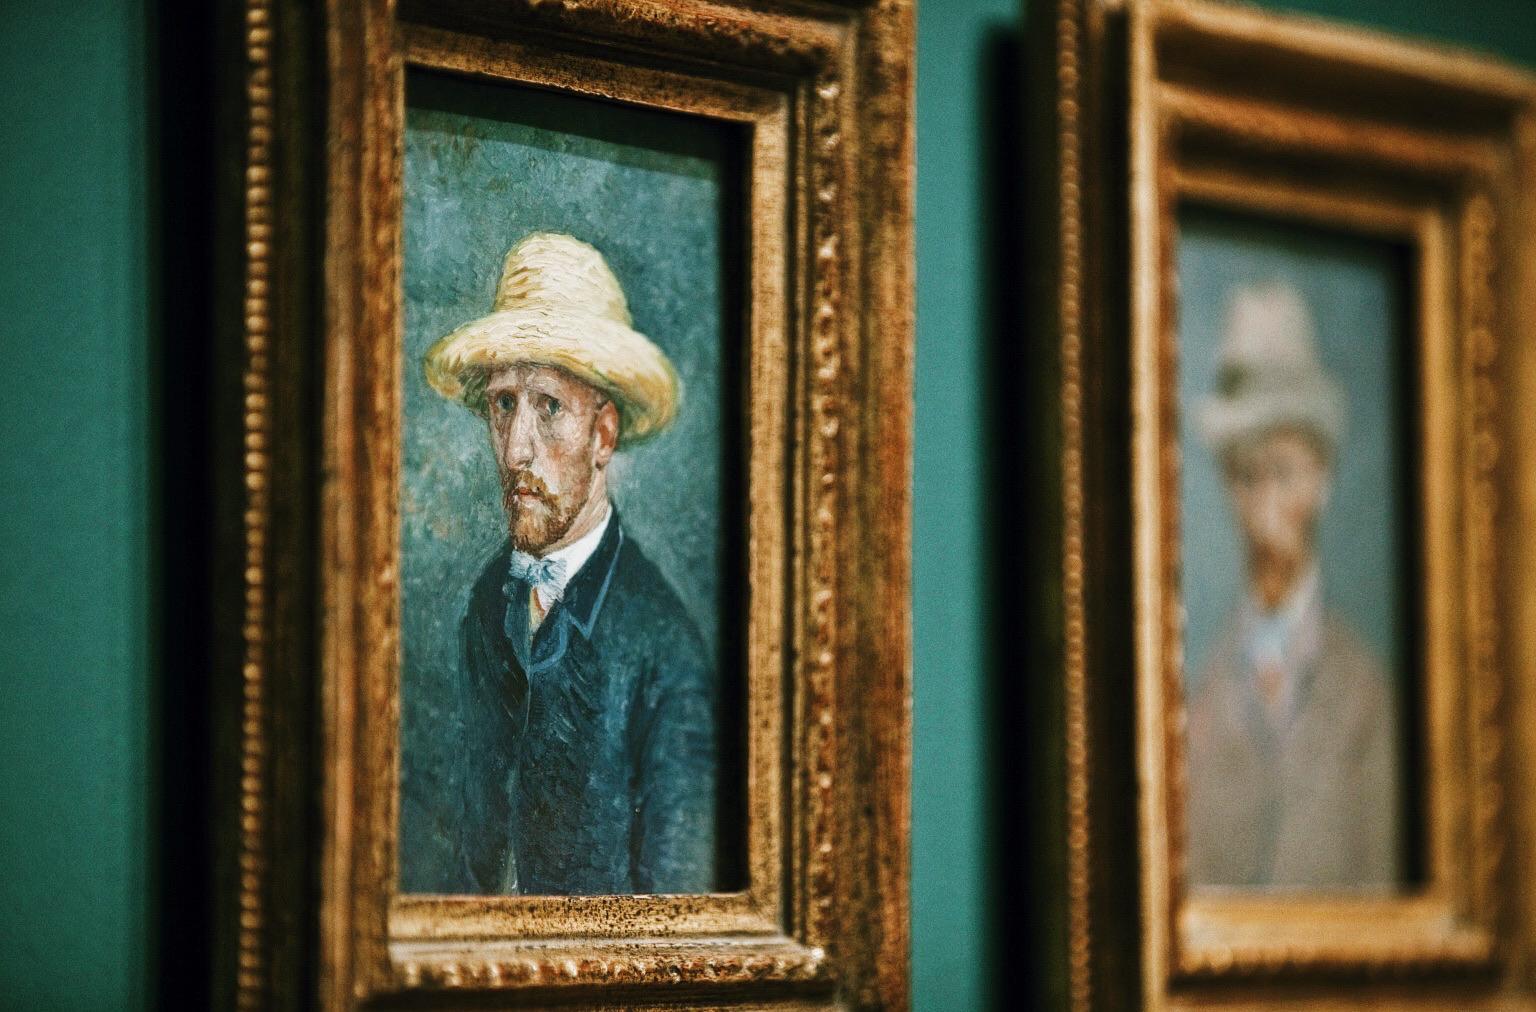 музеи Амстердама Видеть больше: Лучшие музеи Амстердама  Tour Van Gogh Museum Tour